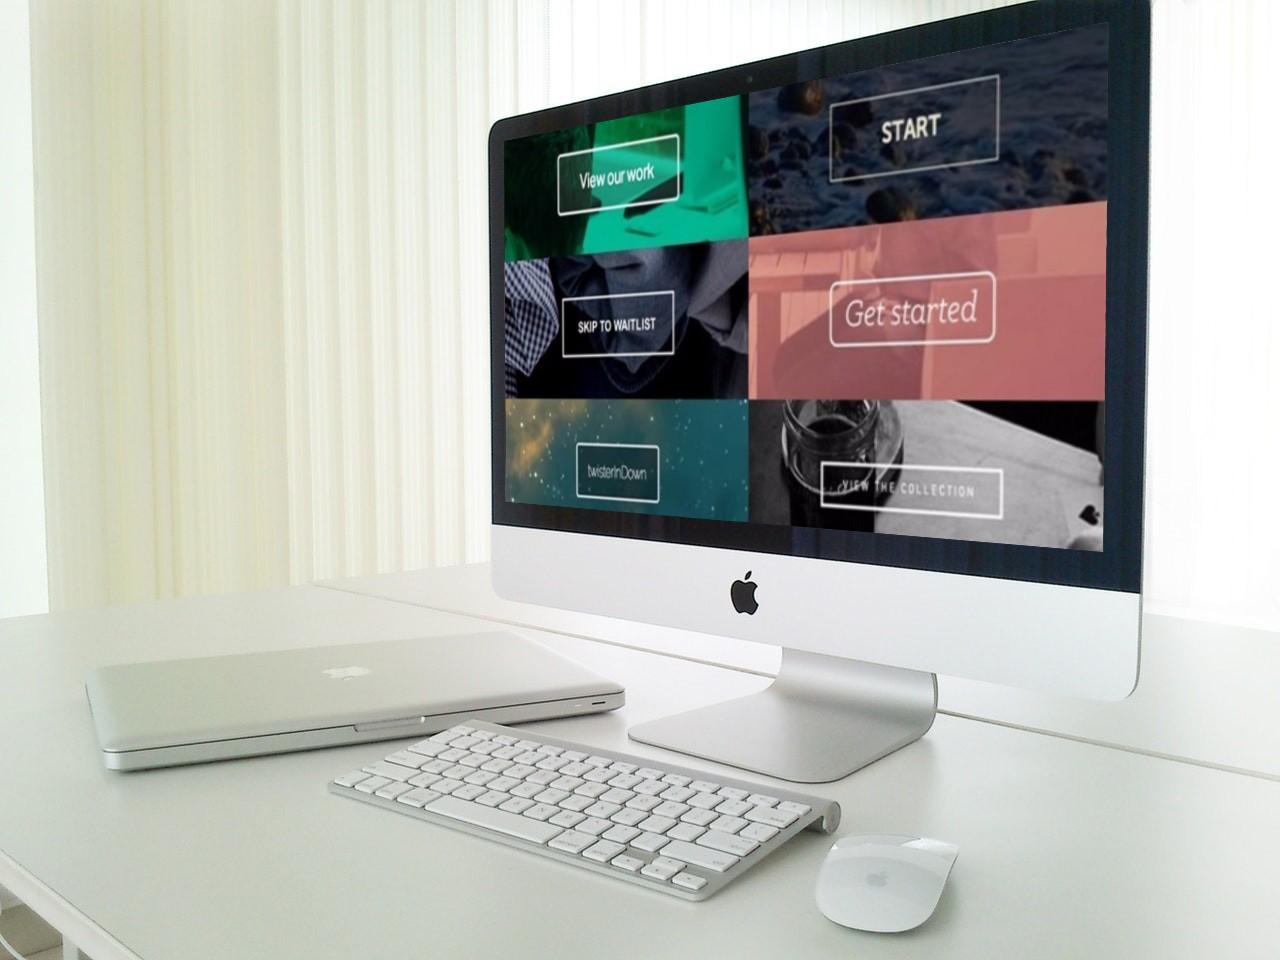 Diseño Web: El uso de botones fantasma